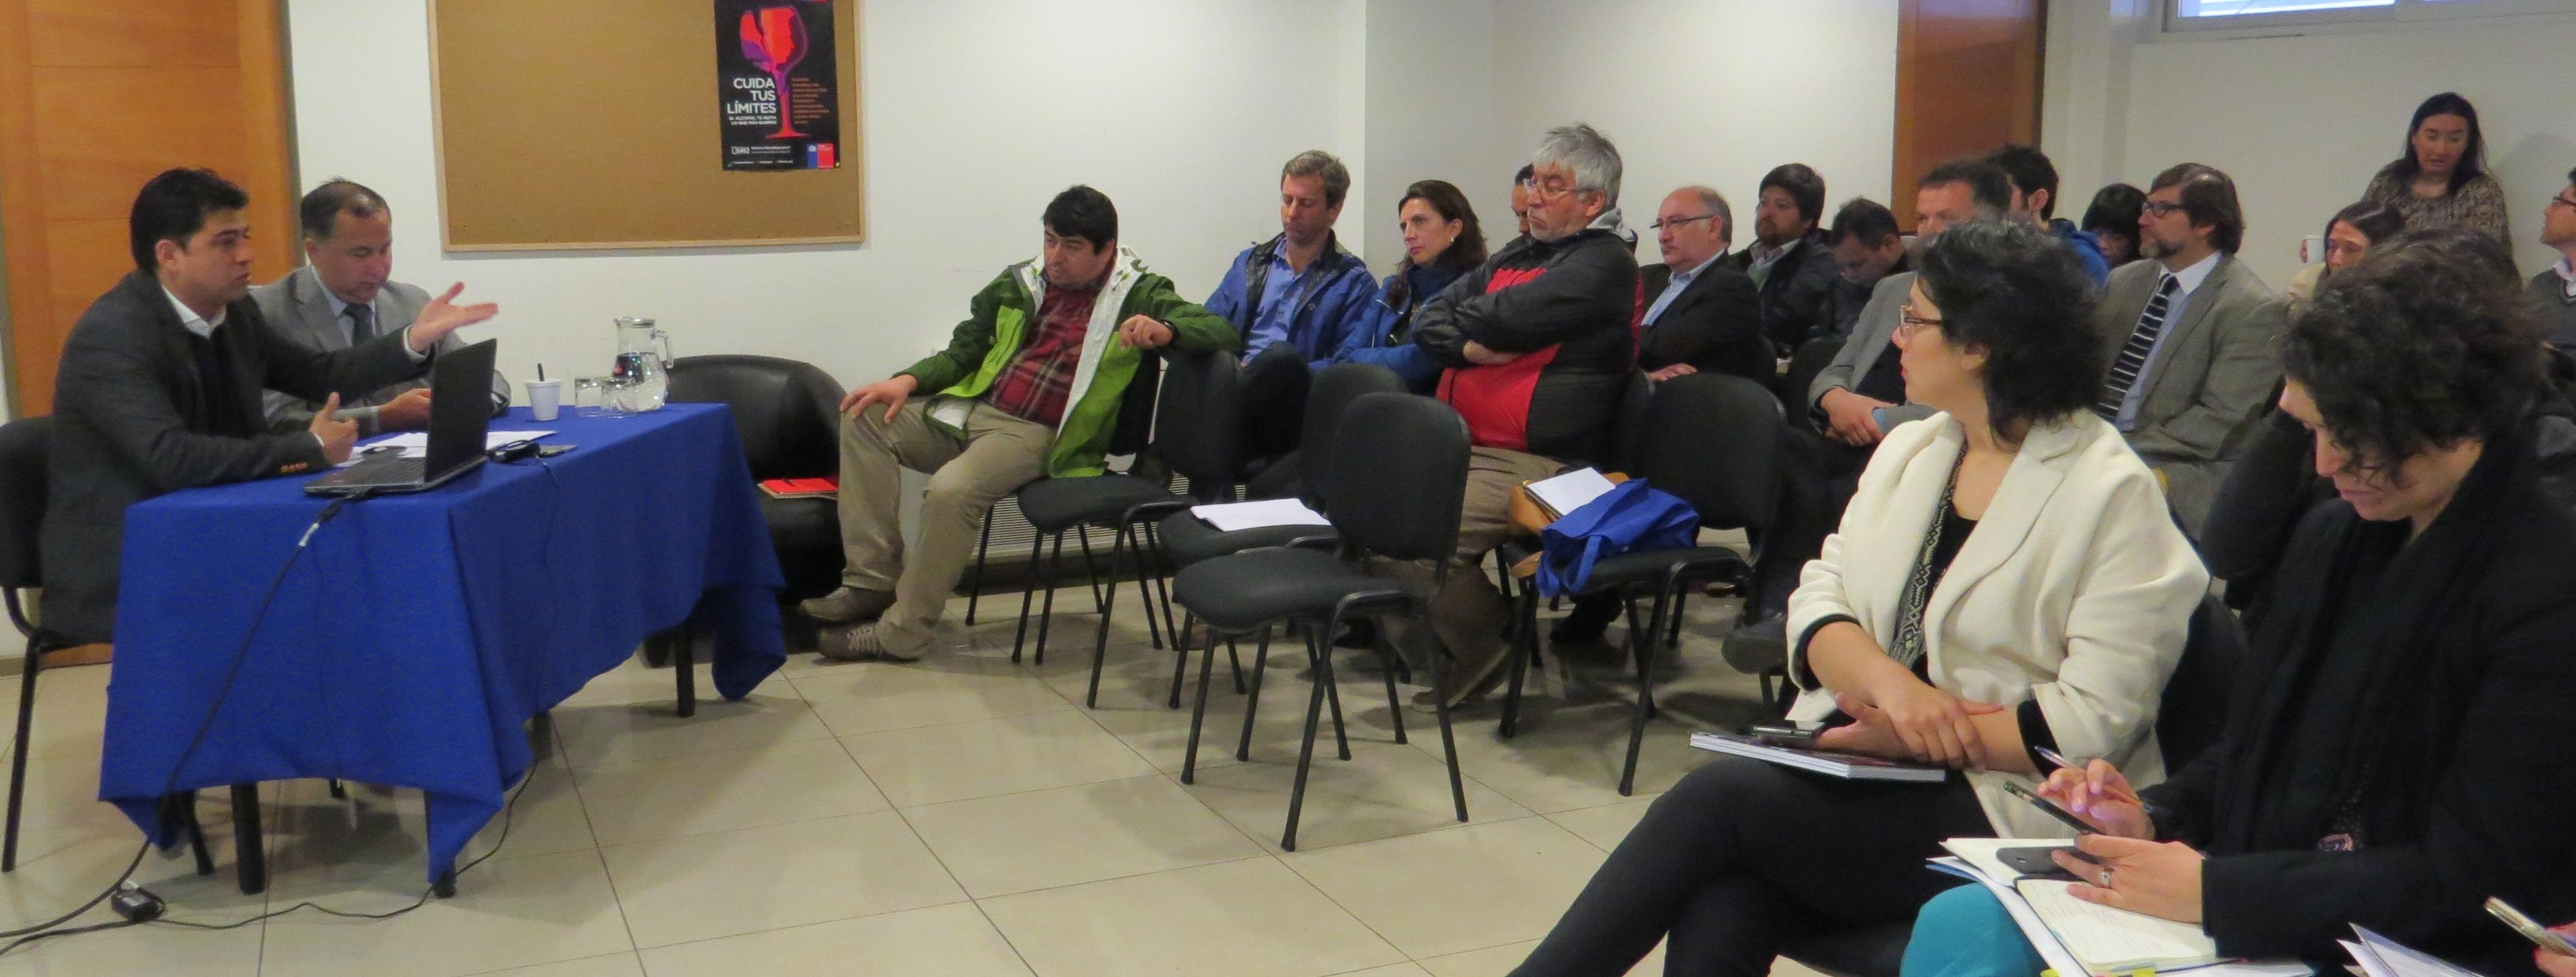 CChC Valdivia participó en  reunión de la Mesa Regional de Descentralización e Inversión noticias